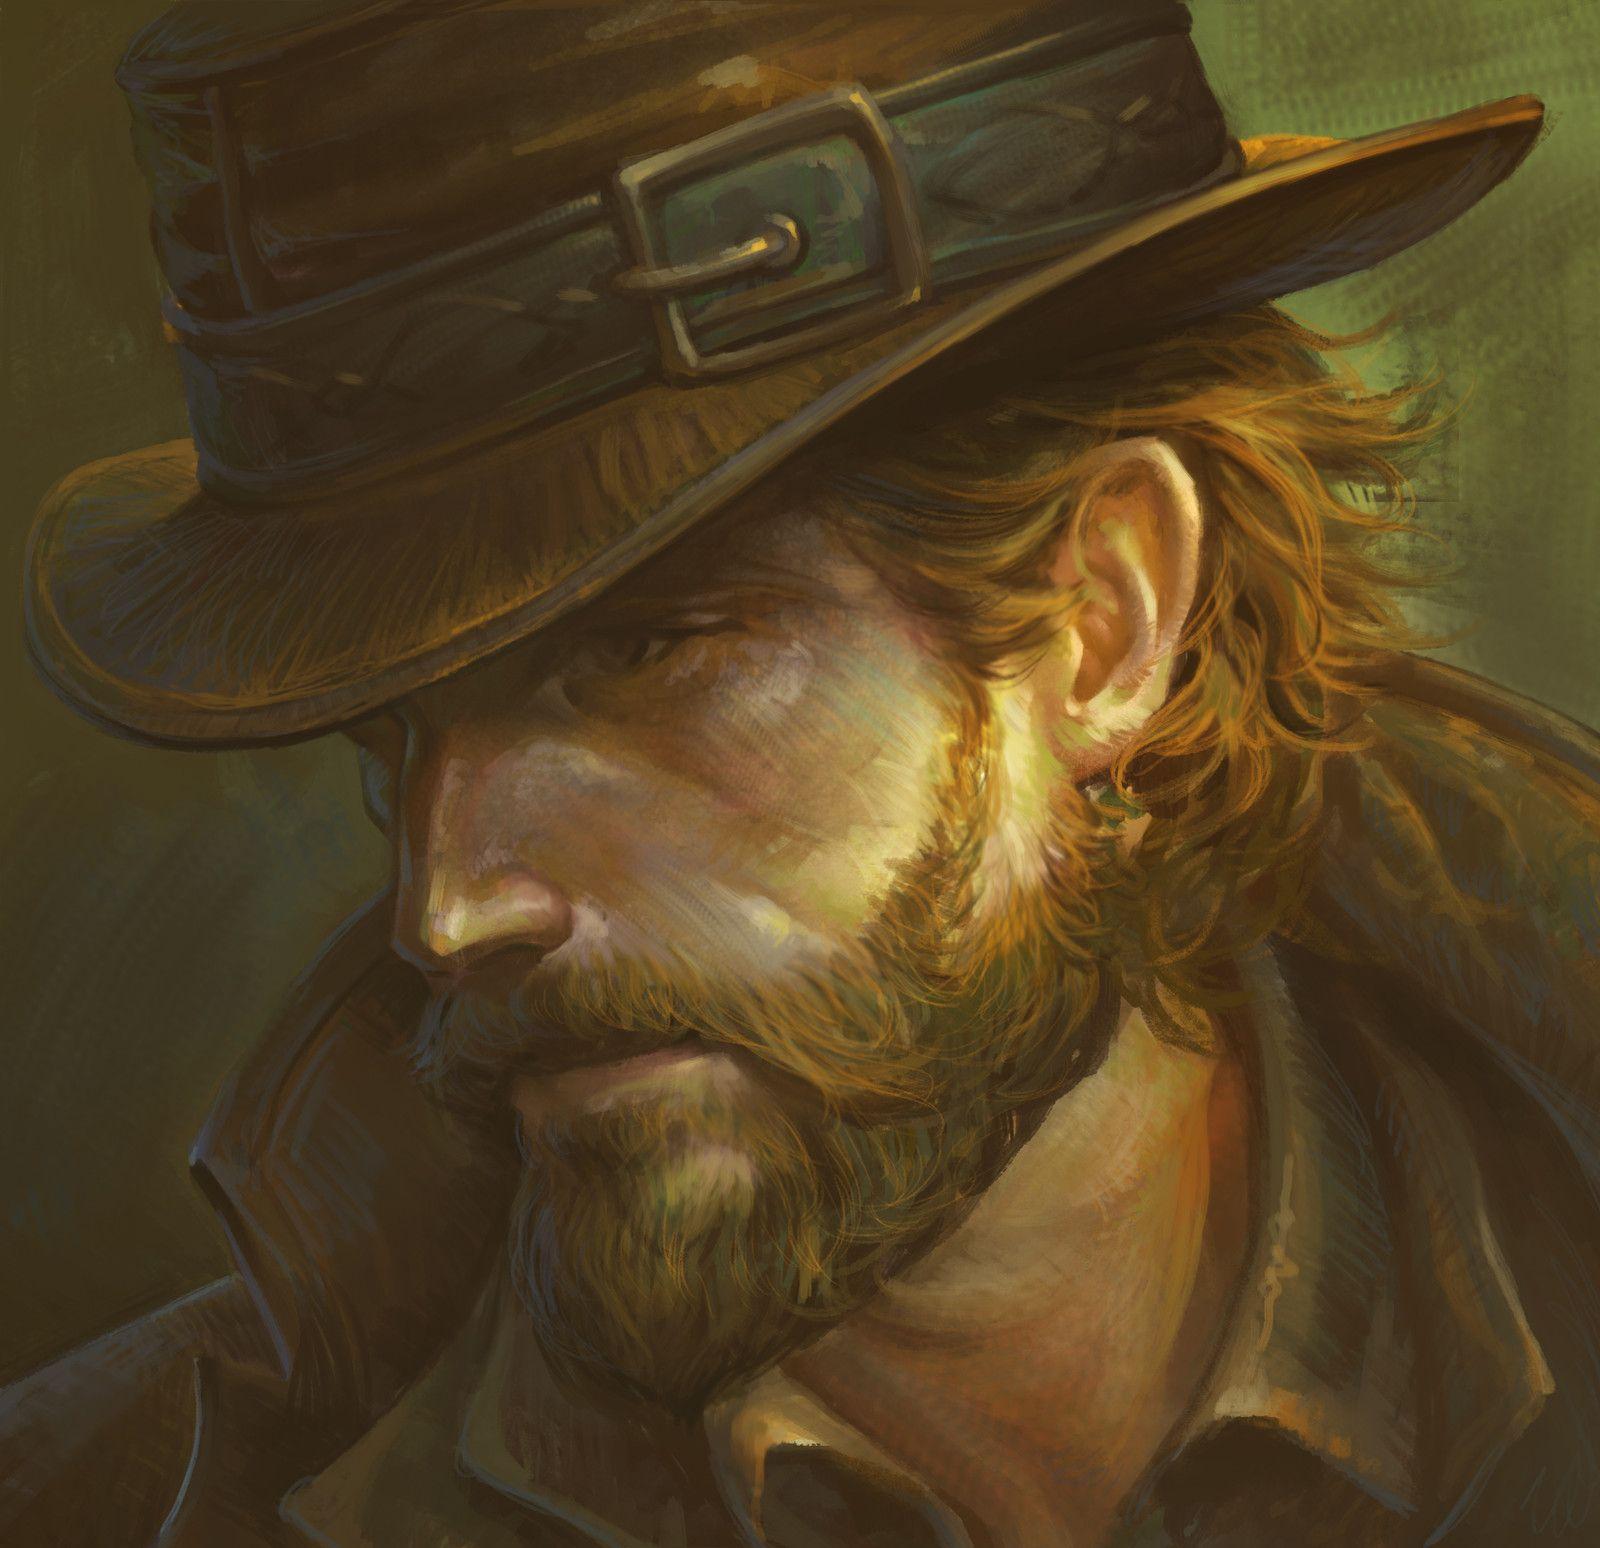 Cowboy Portrait Fantasy Concept Art